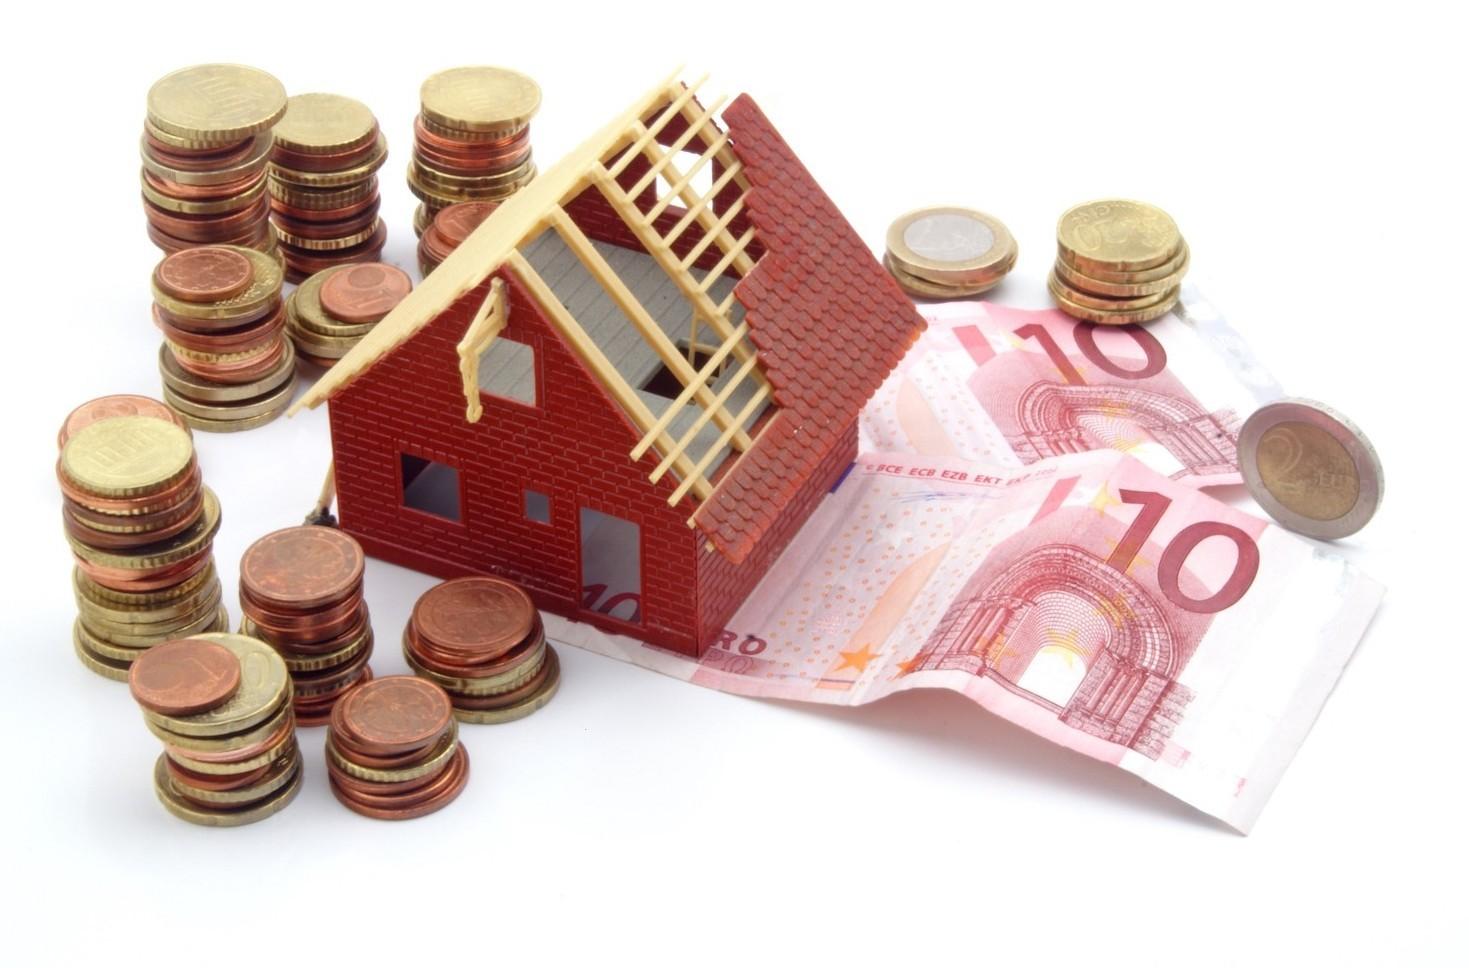 Come donare casa ad un figlio secondo leggi in vigore